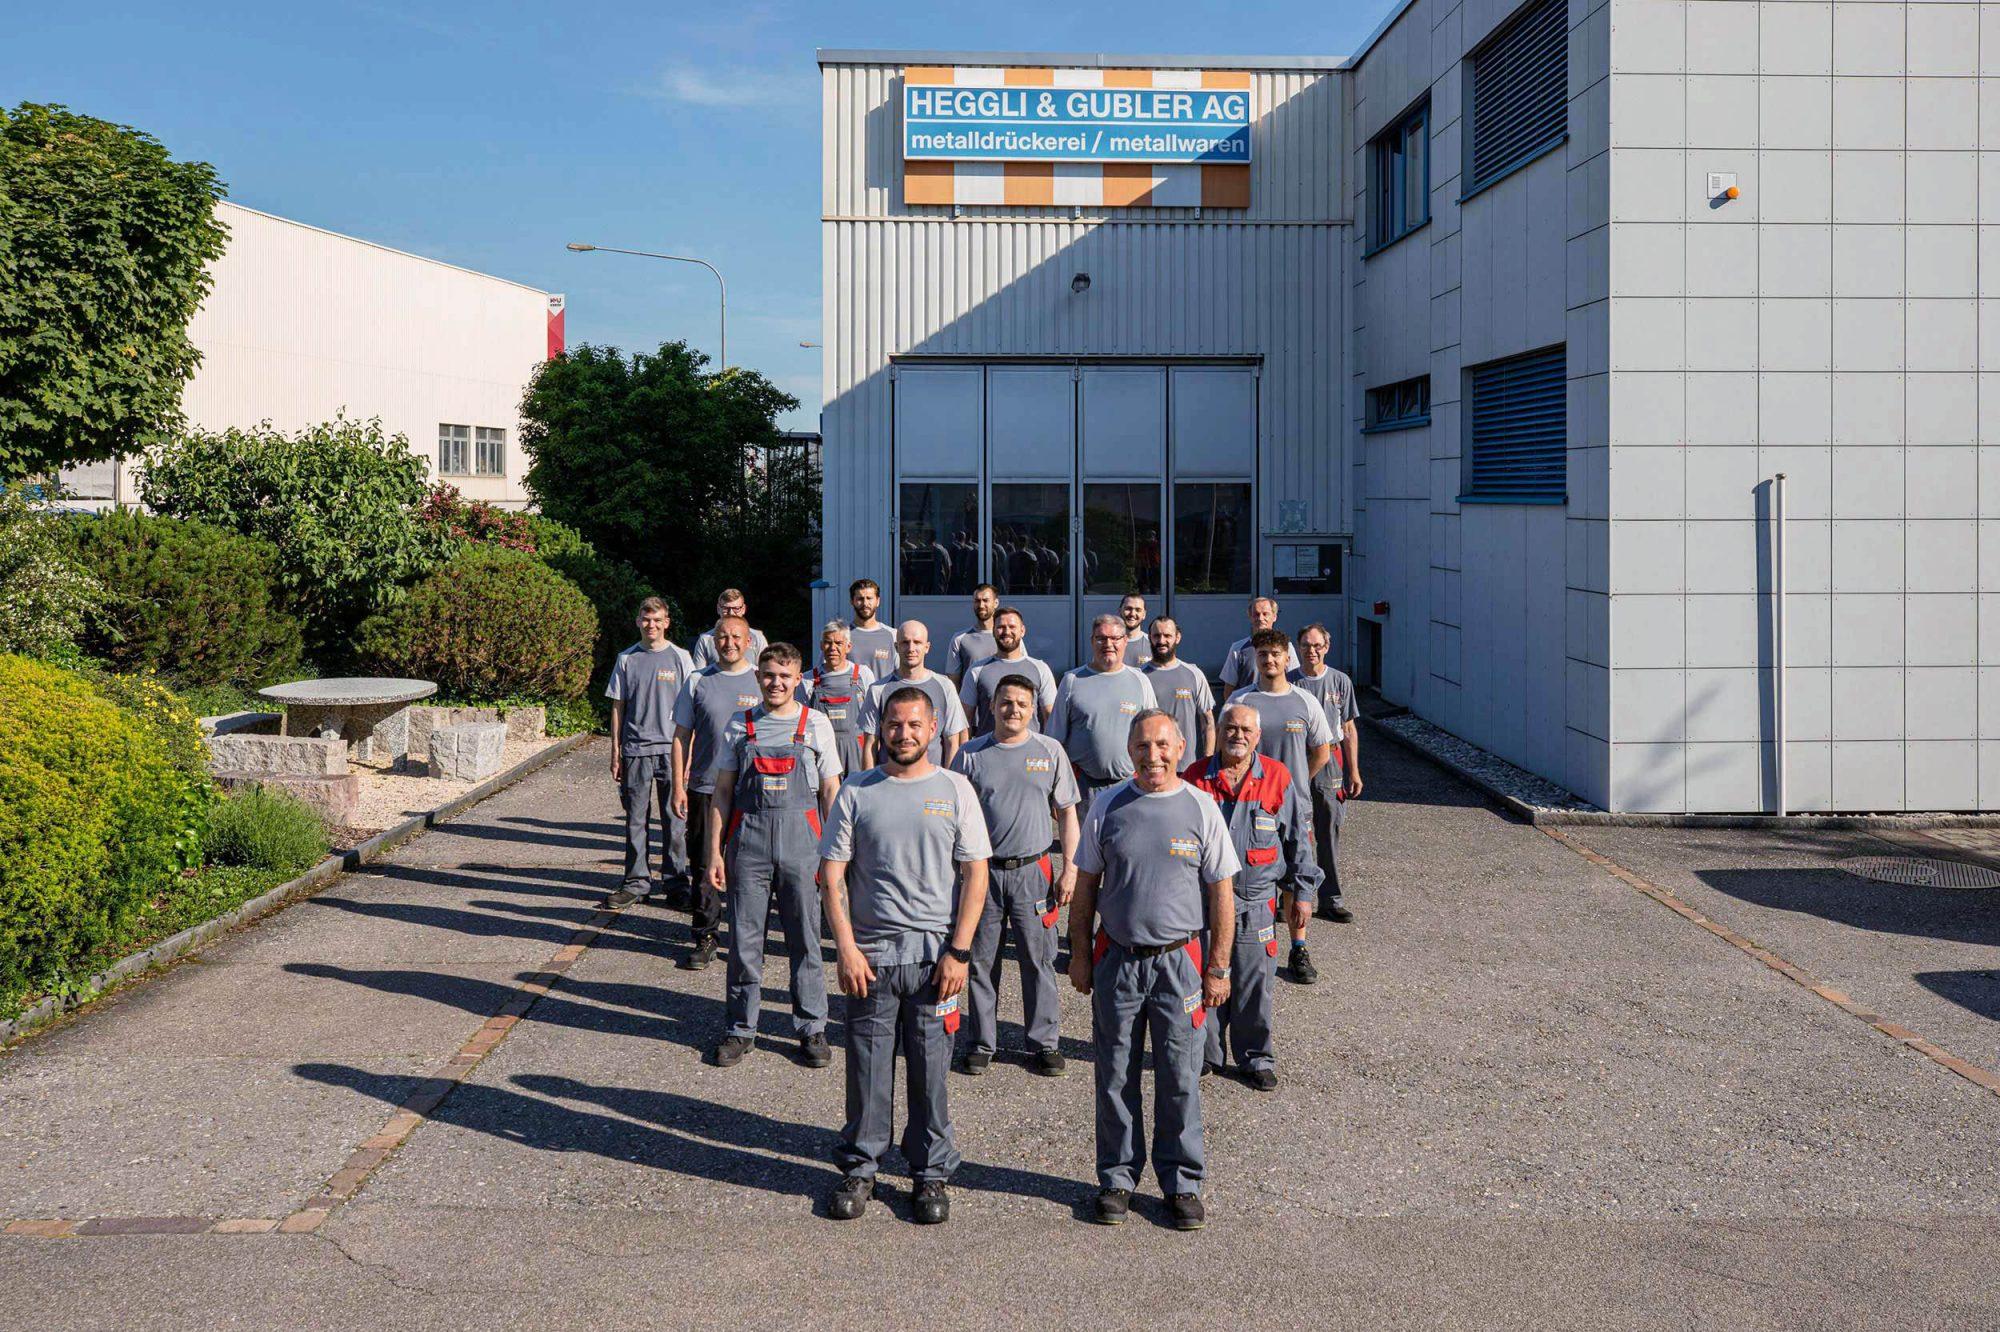 heggli-gubler-ueber-uns-team-MK4_1703